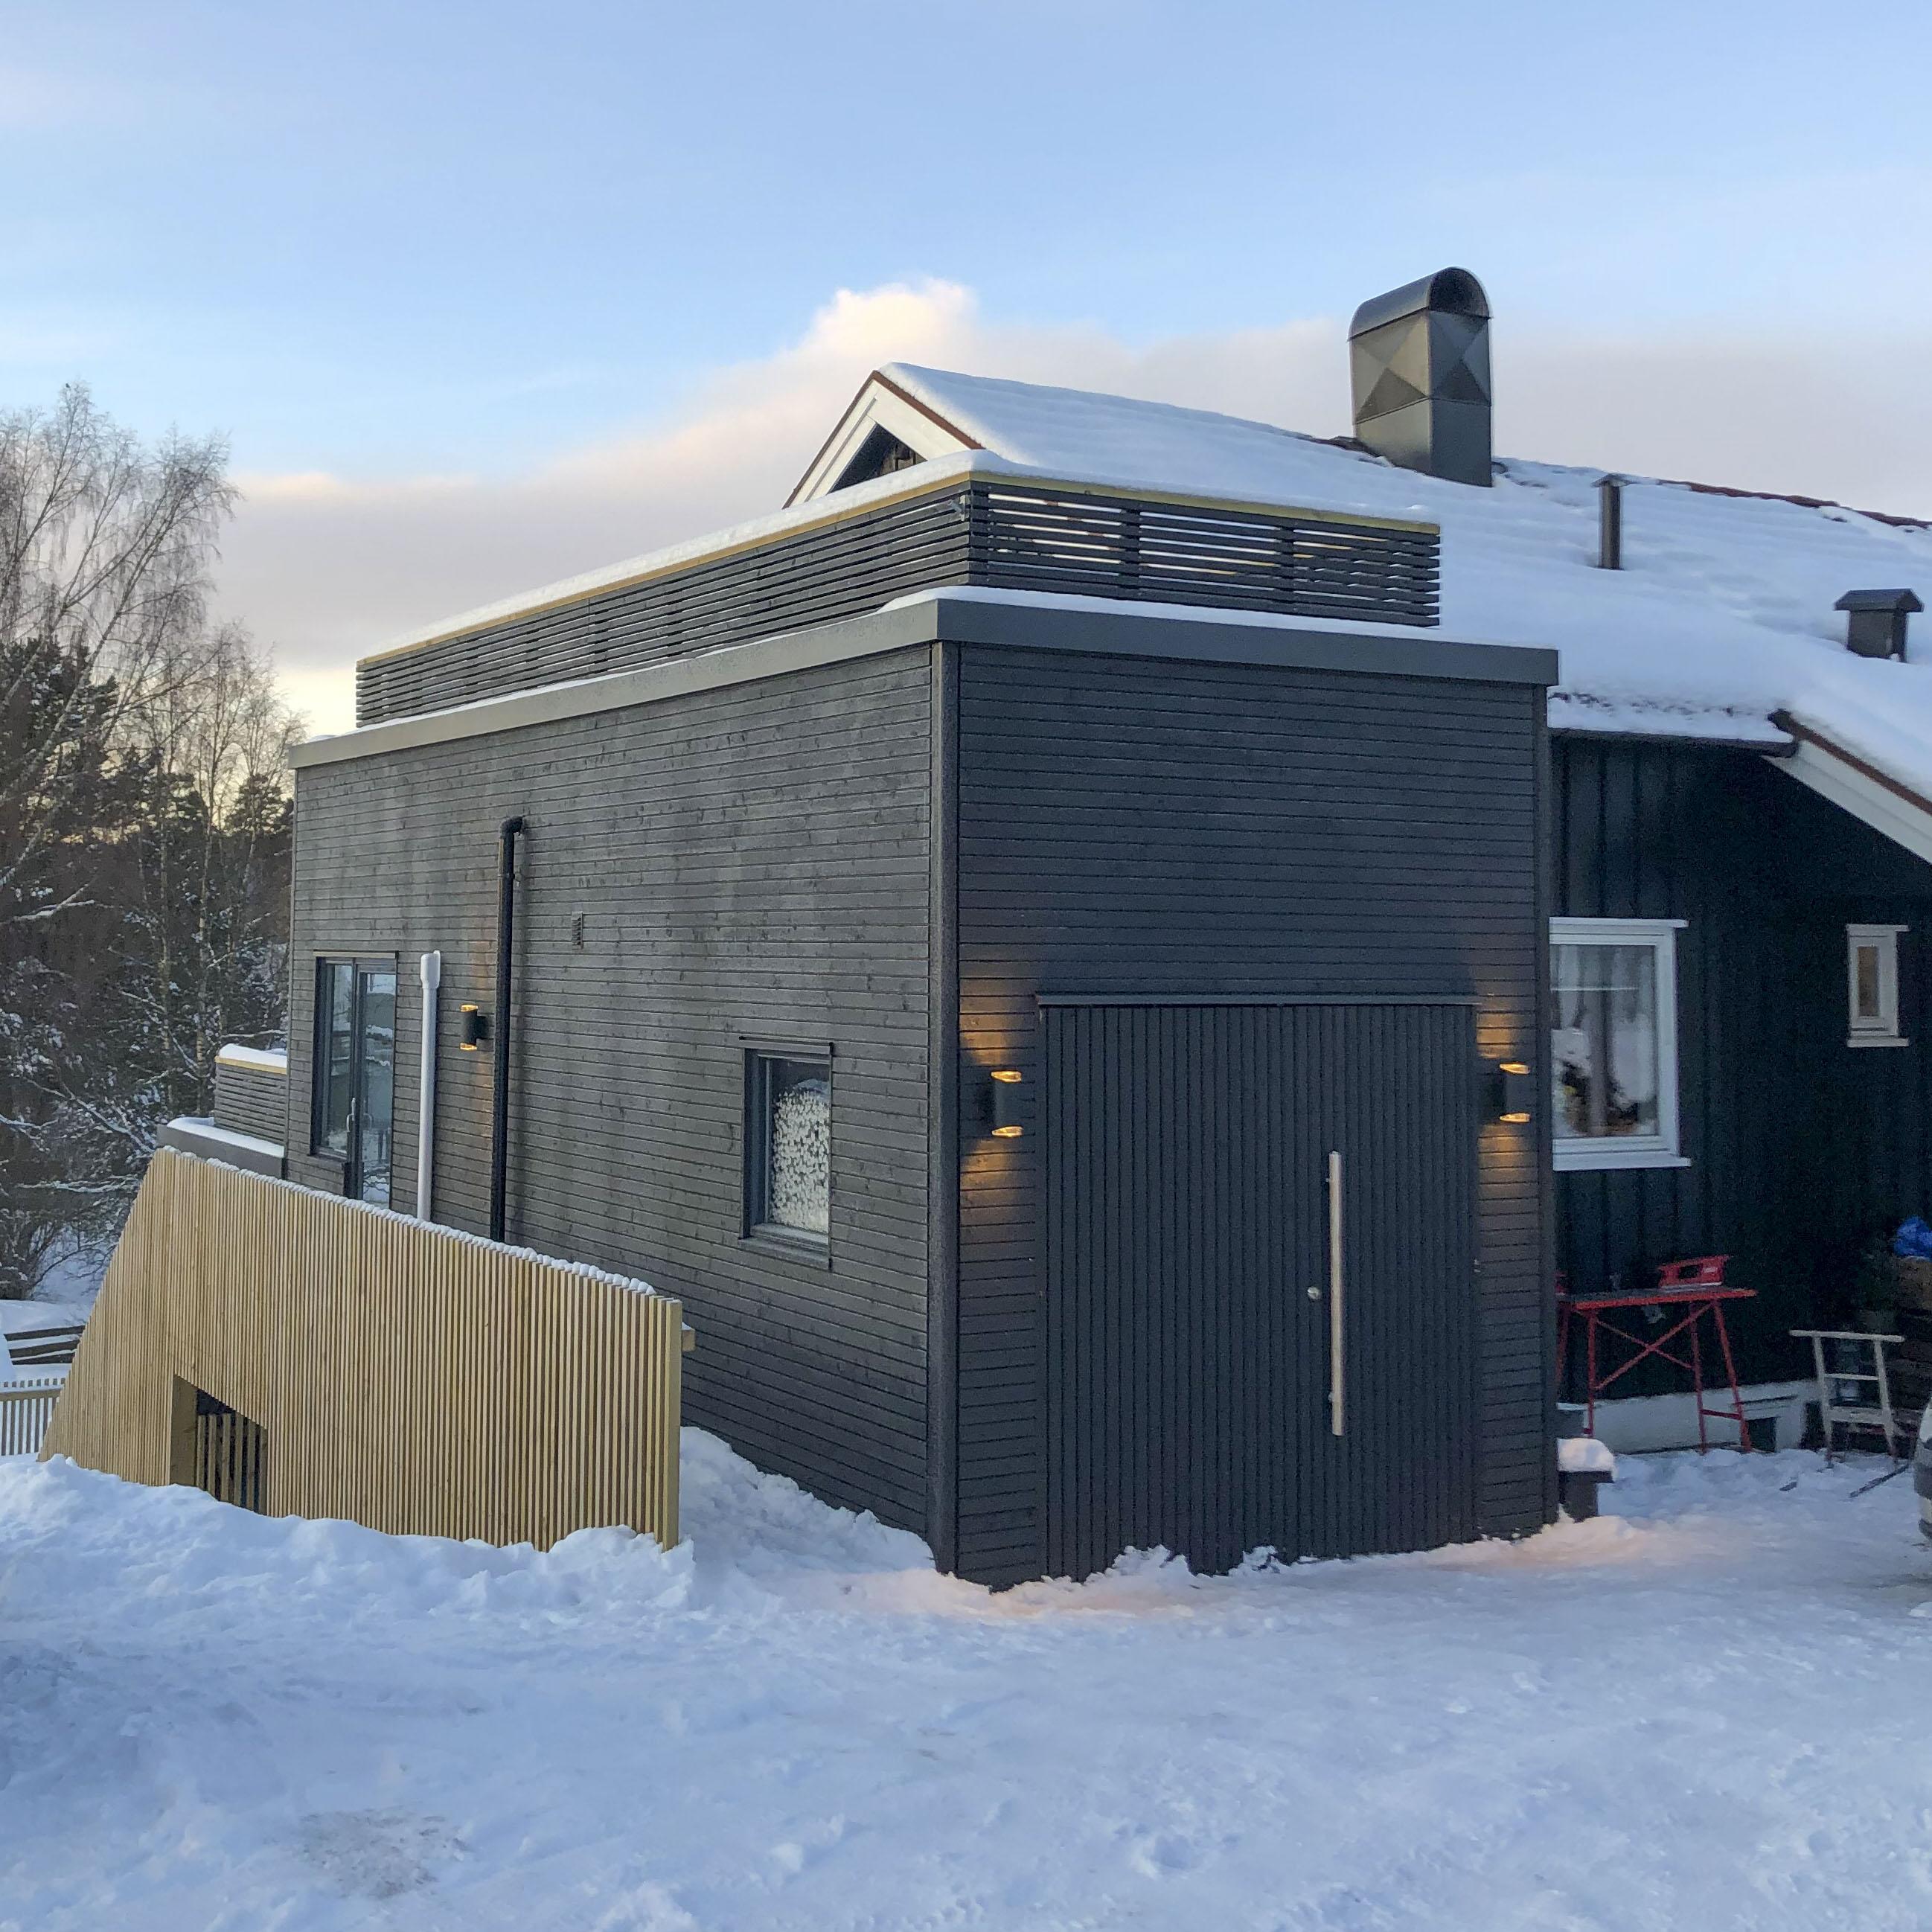 Innkjørsel - etter - vinter